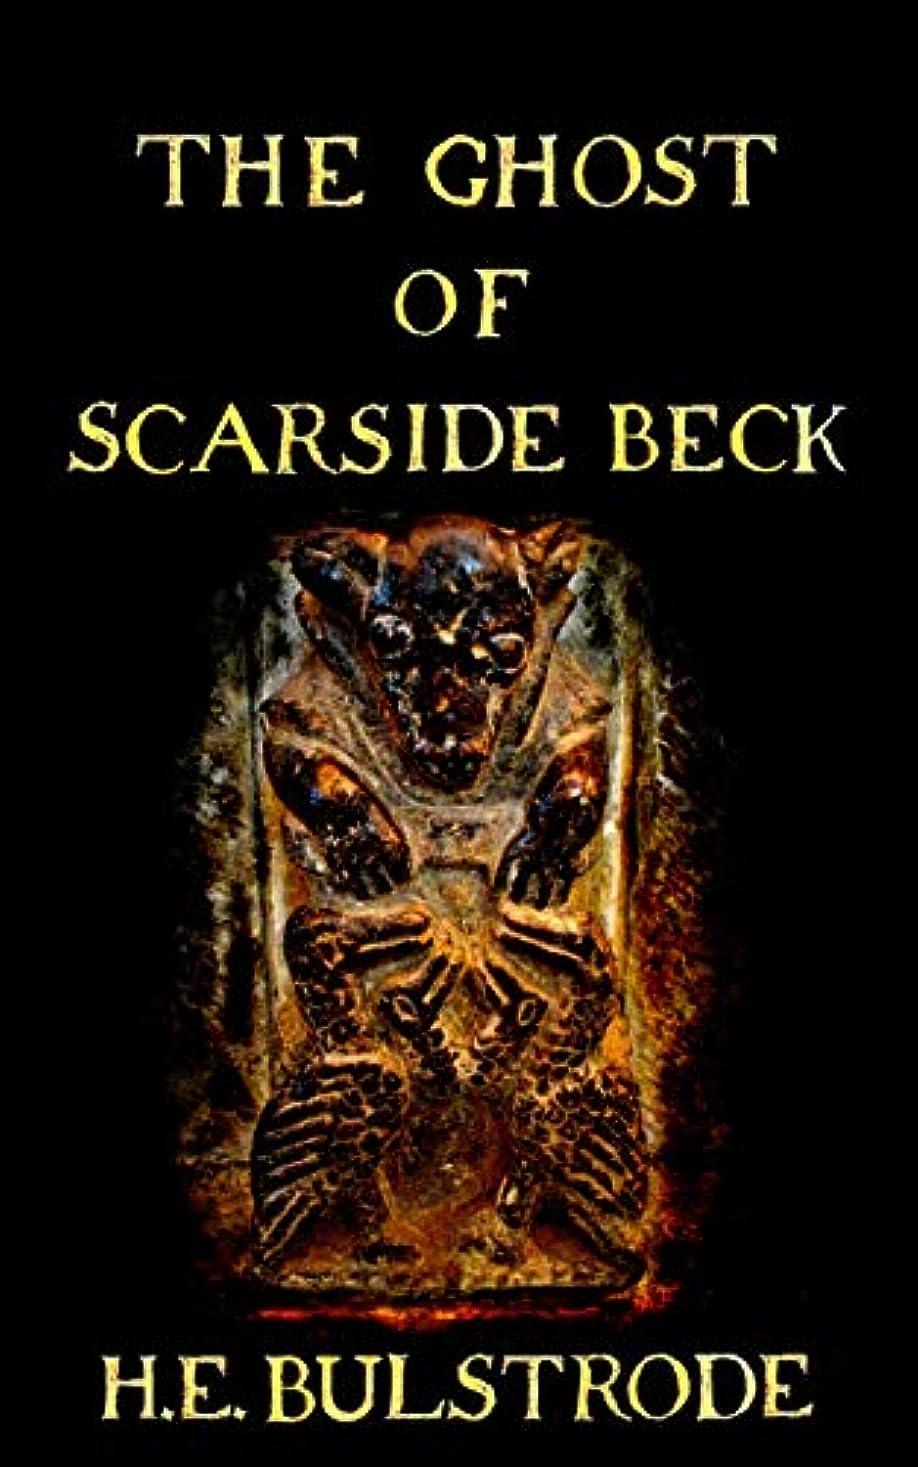 特権的非効率的なインカ帝国The Ghost of Scarside Beck (Tales of the Uncanny Book 1) (English Edition)